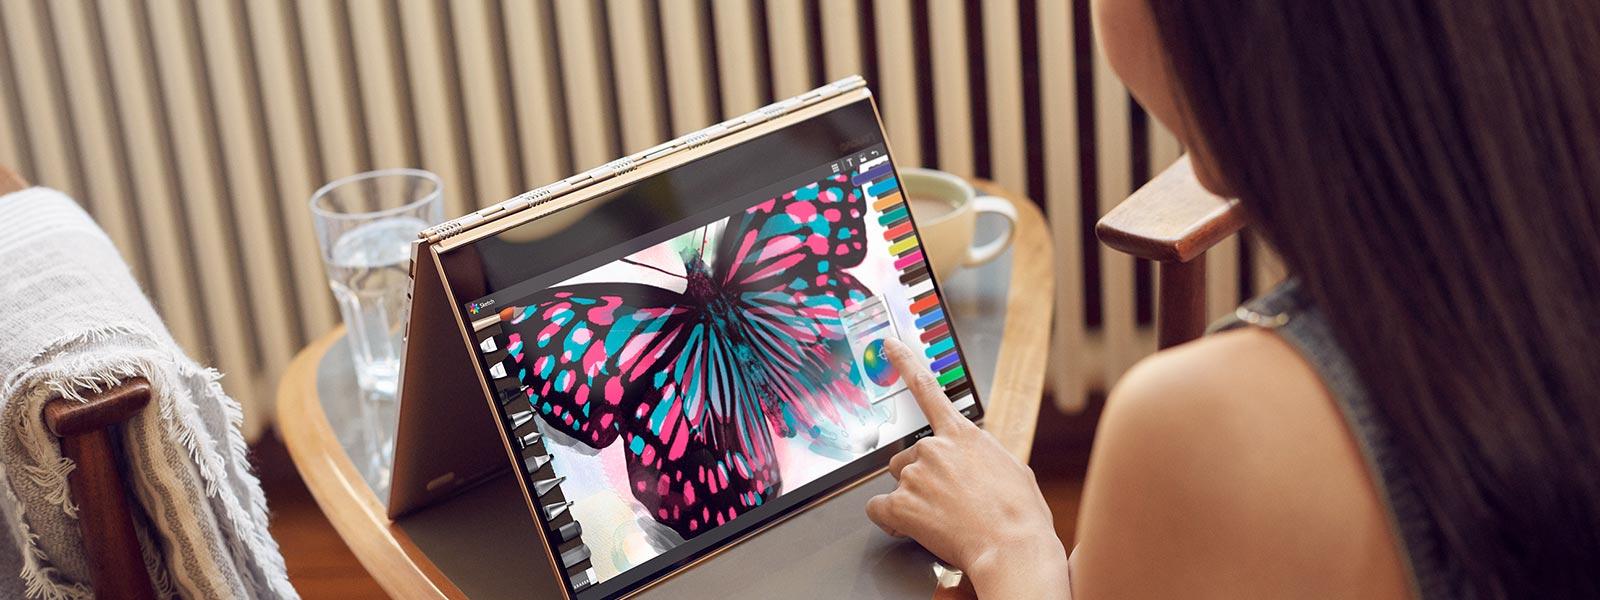 Frau benutzt den Touchscreen eines Lenovo YOGA 910